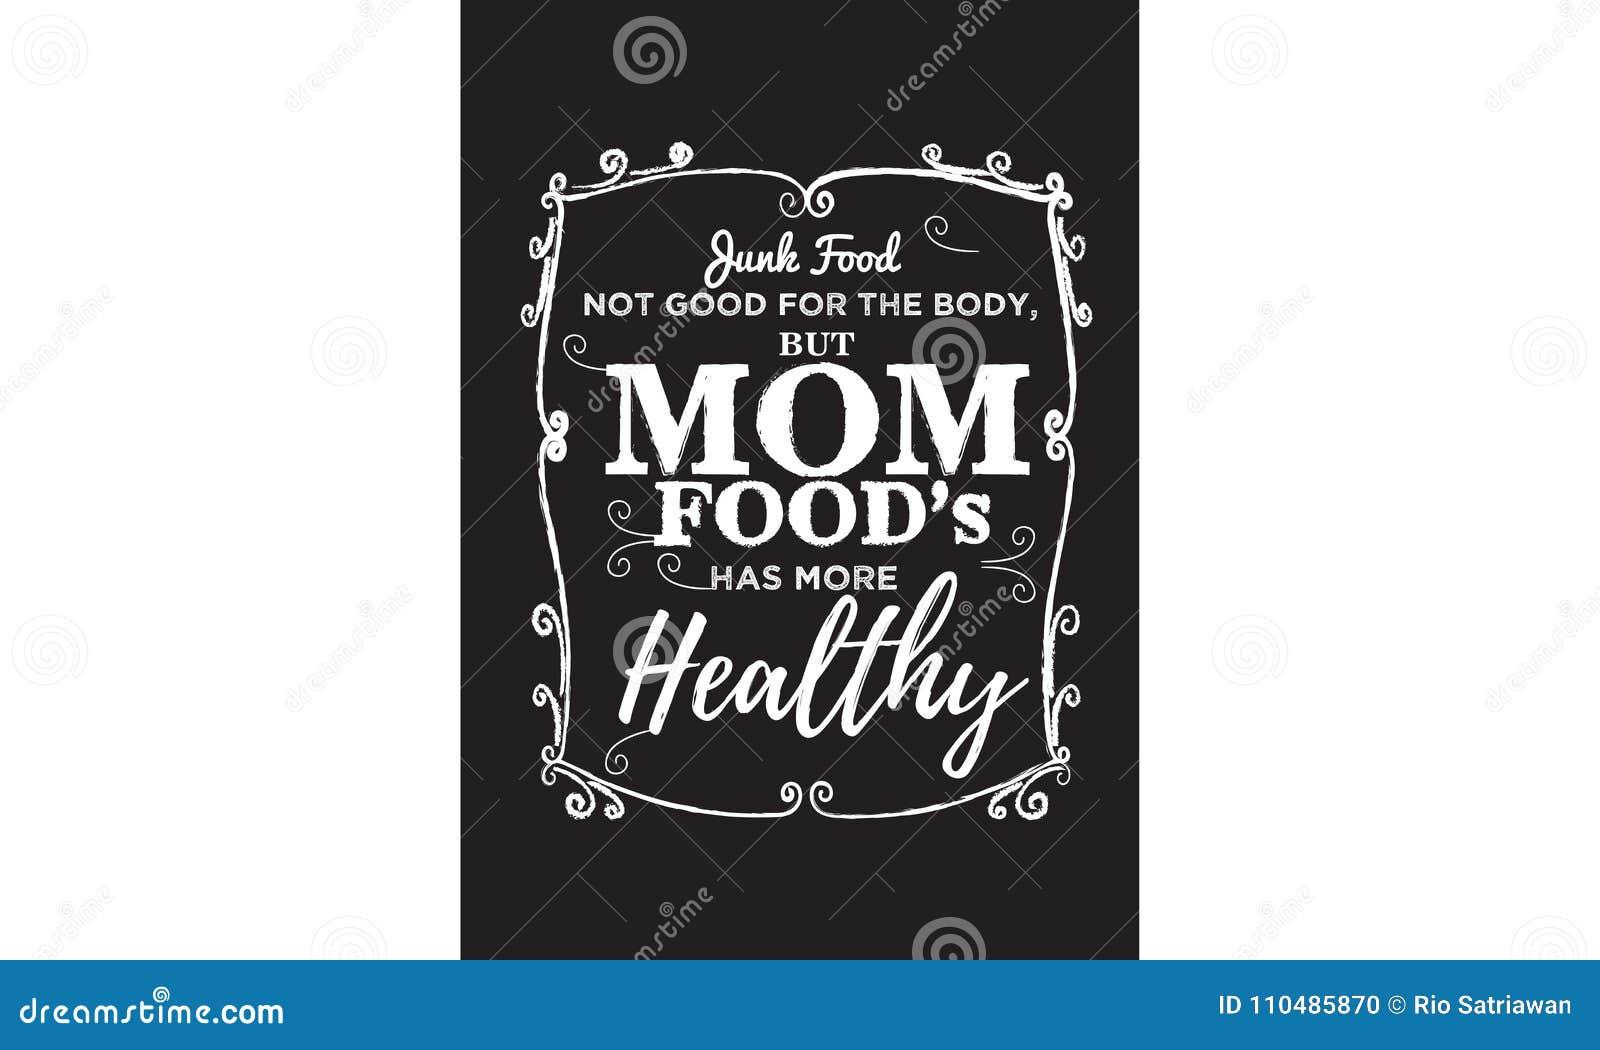 Skräpmat som inte är bra för kroppen, men mammafoods, har mer sund